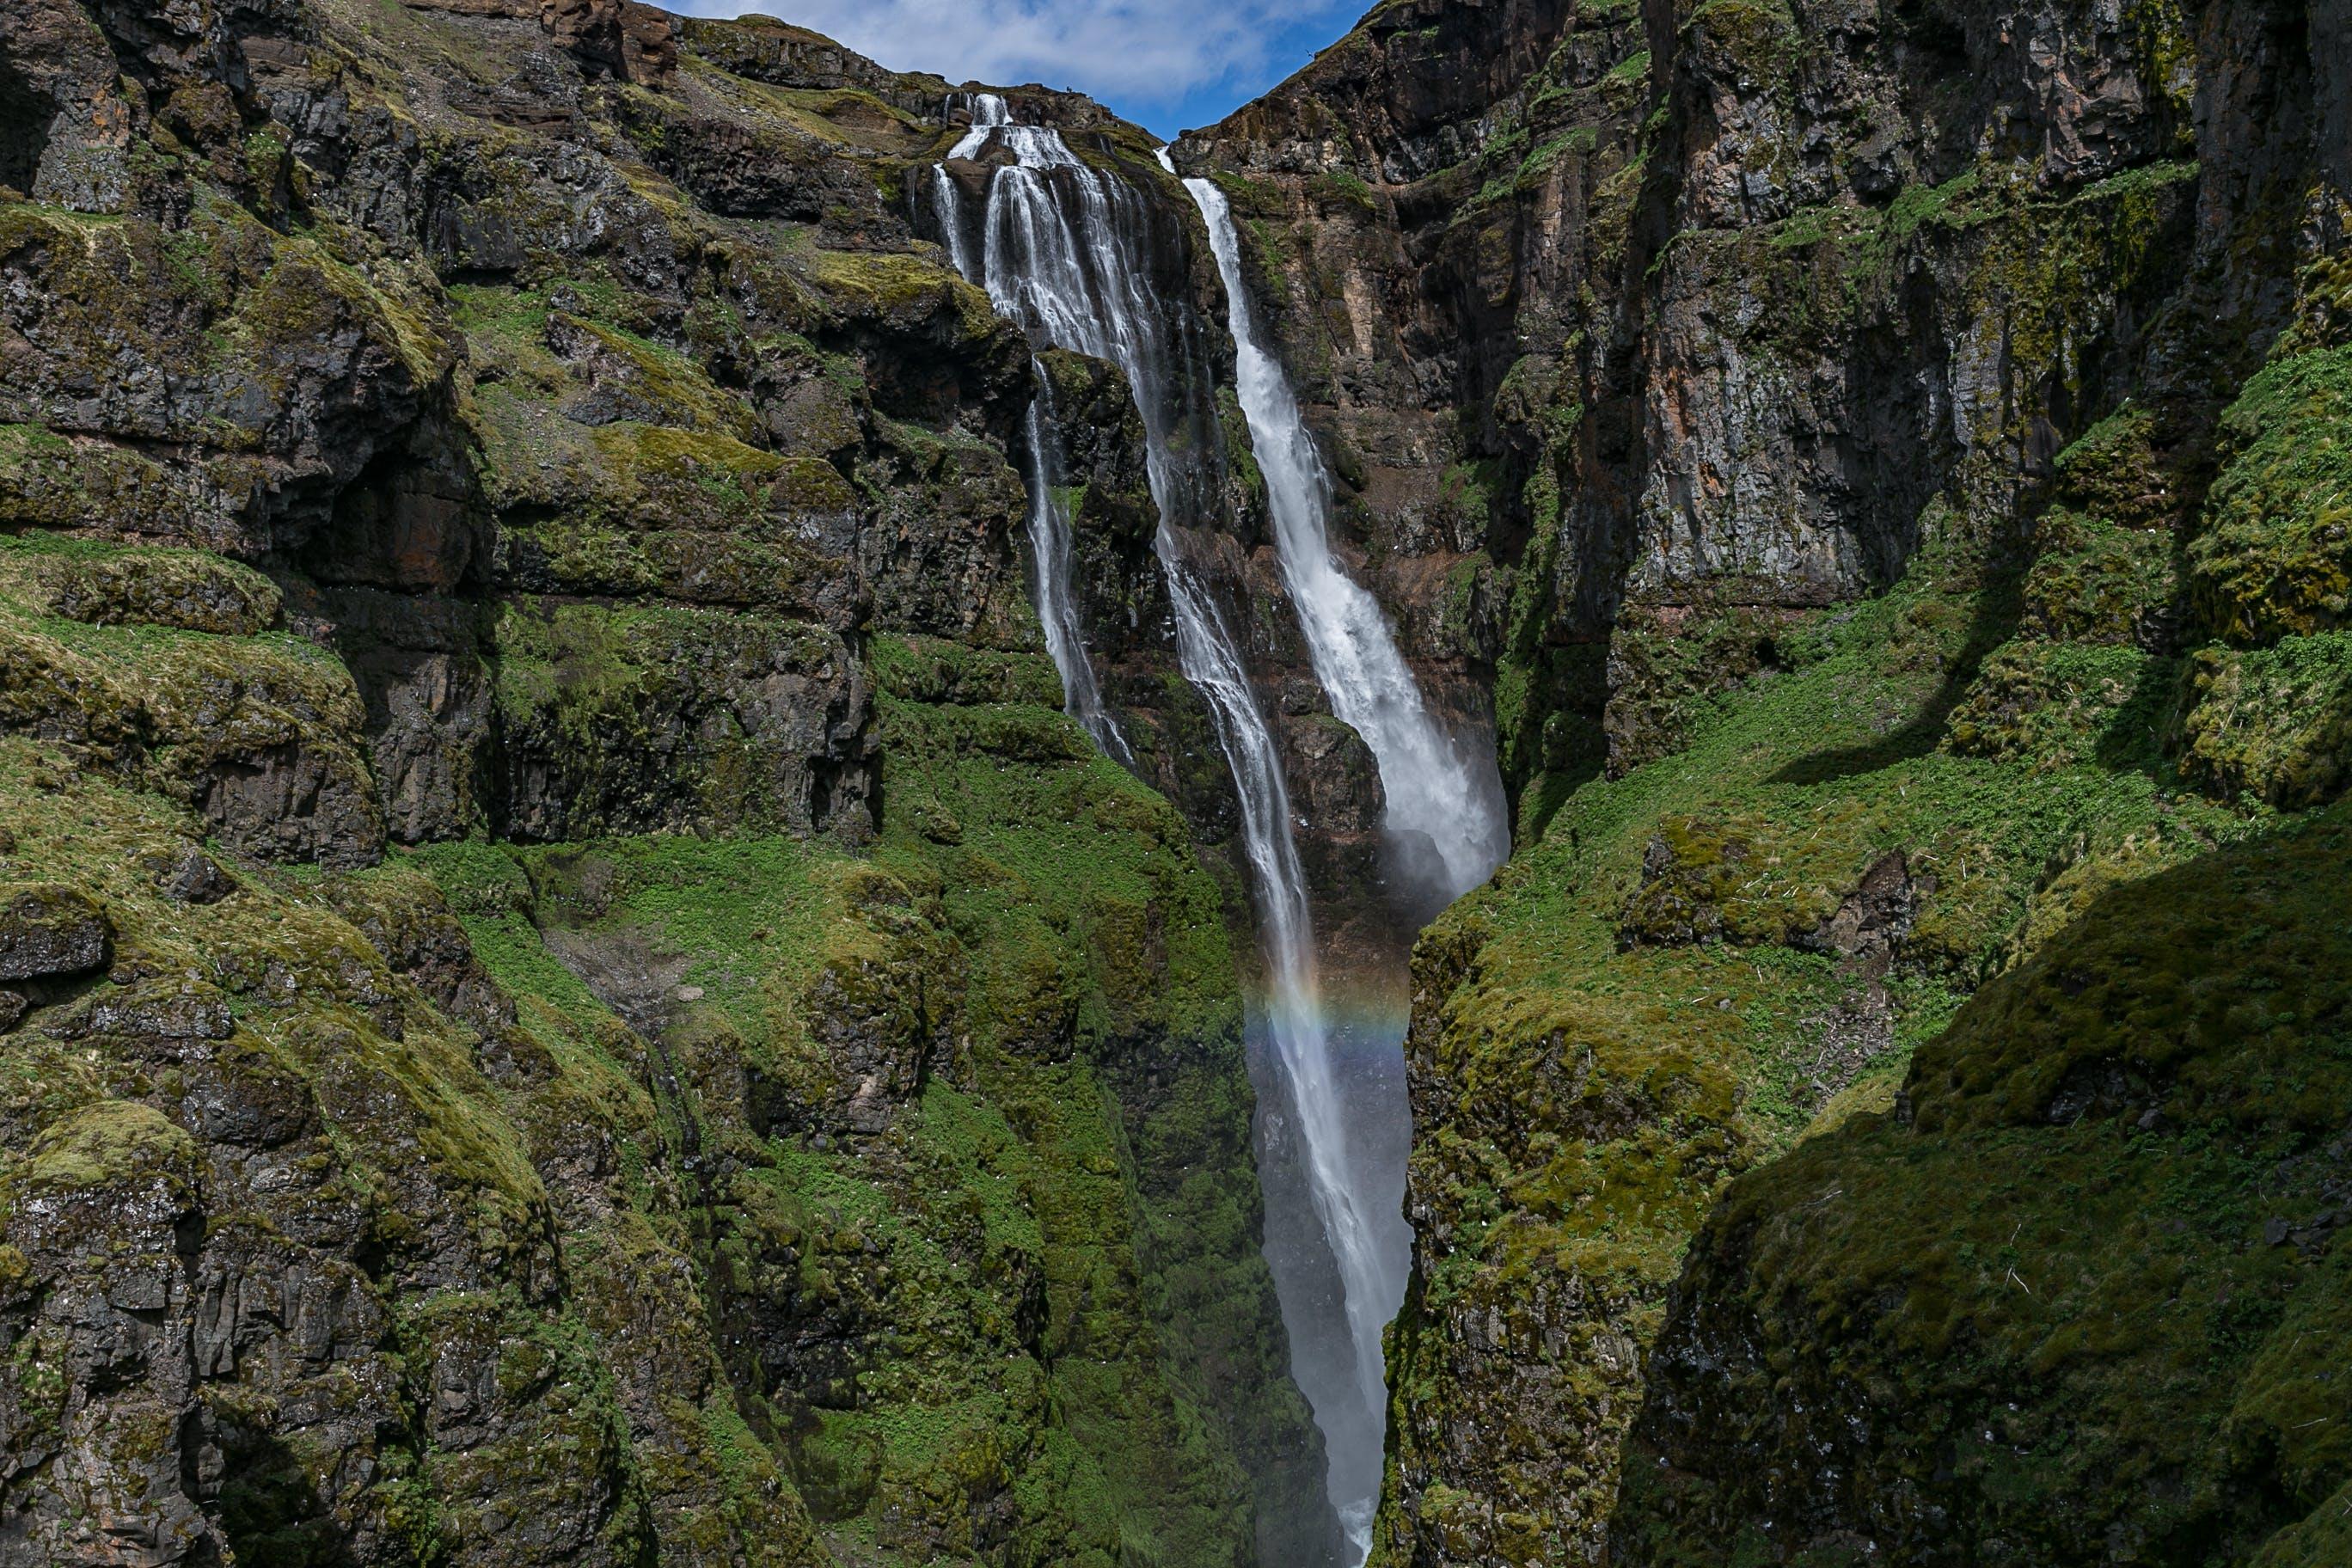 Δωρεάν στοκ φωτογραφιών με βουνό, βράχια, βρύο, γρασίδι